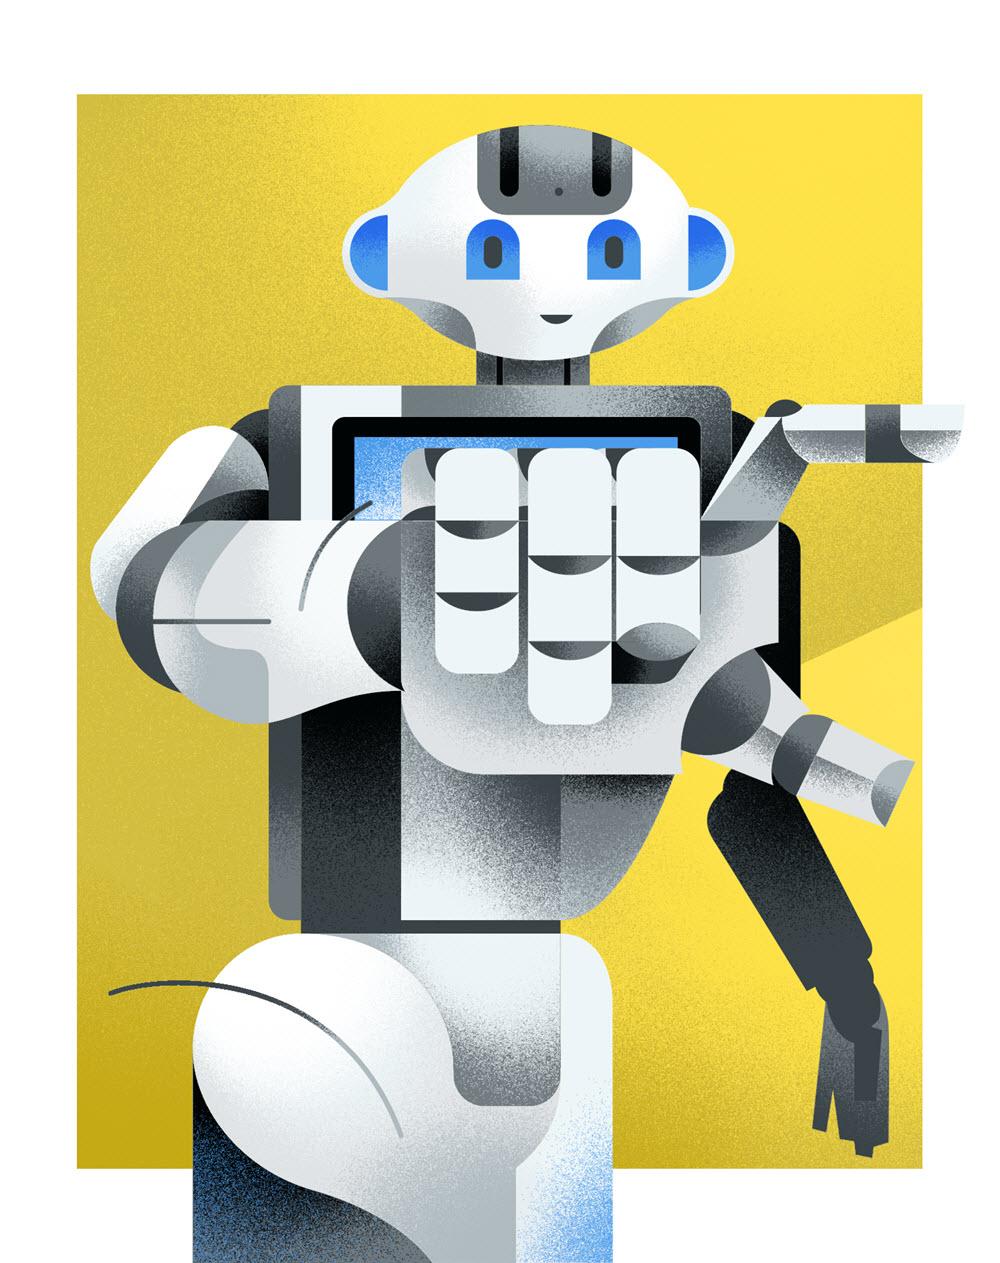 Pepper the Robot - DM308